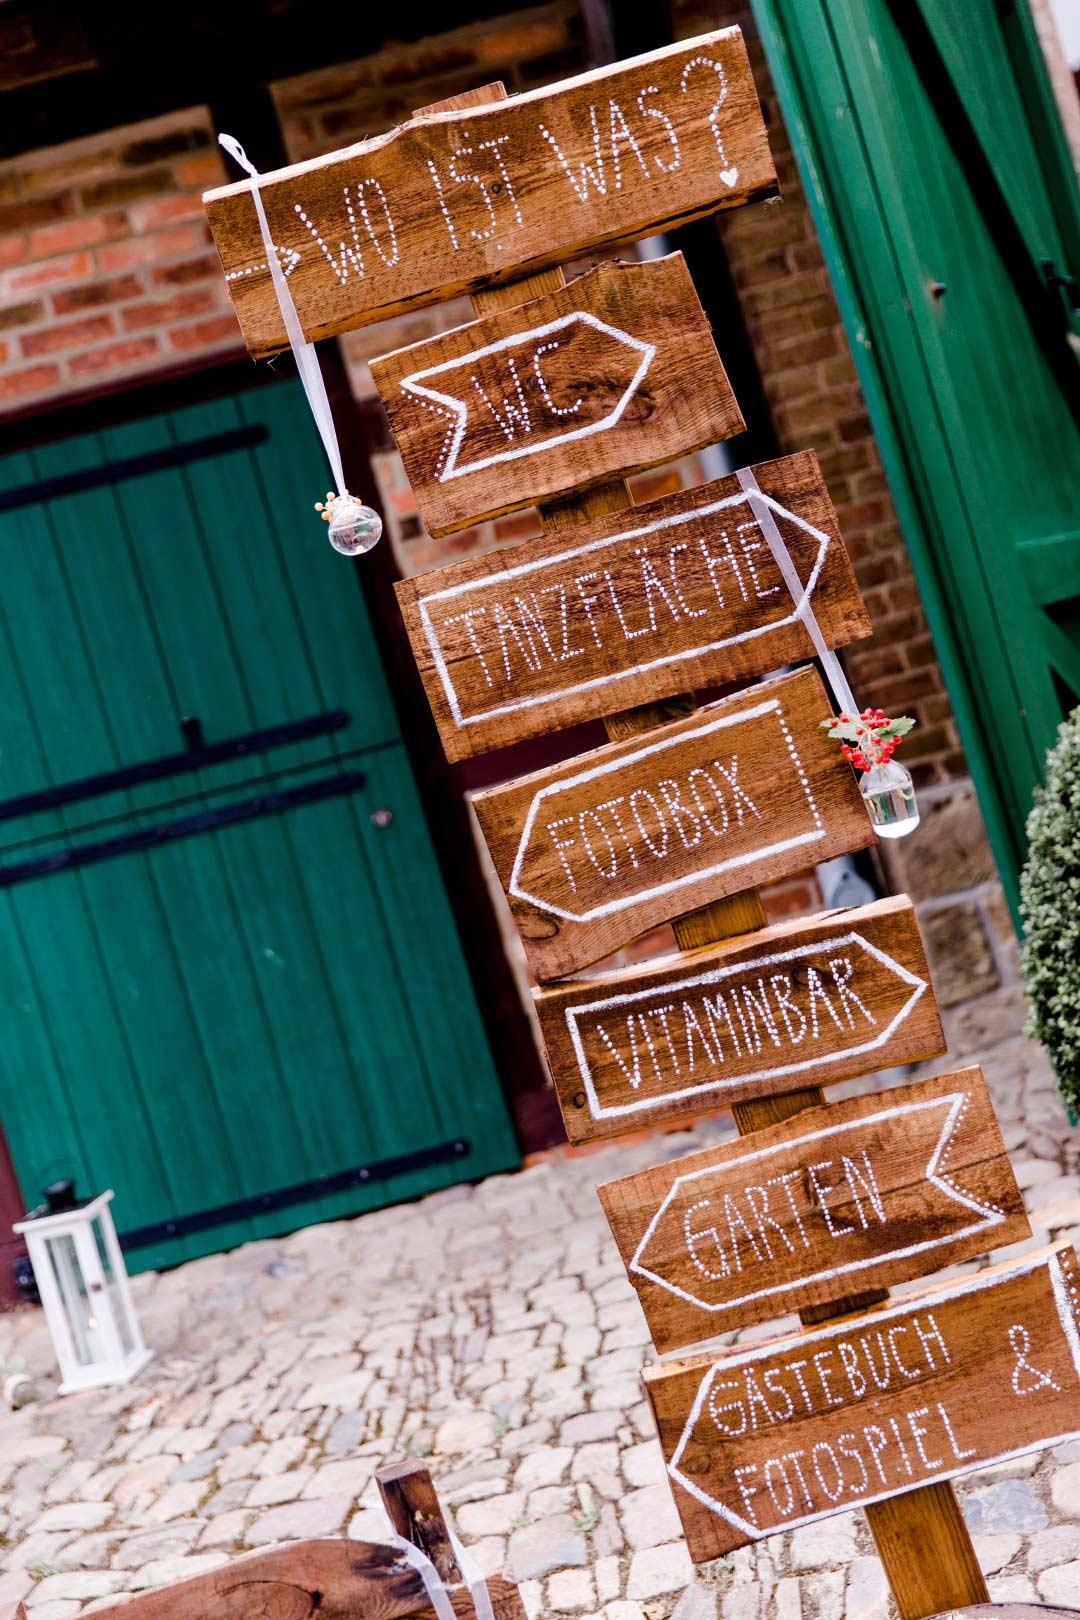 Wegweiser aus Holz am Eingang der Hochzeit